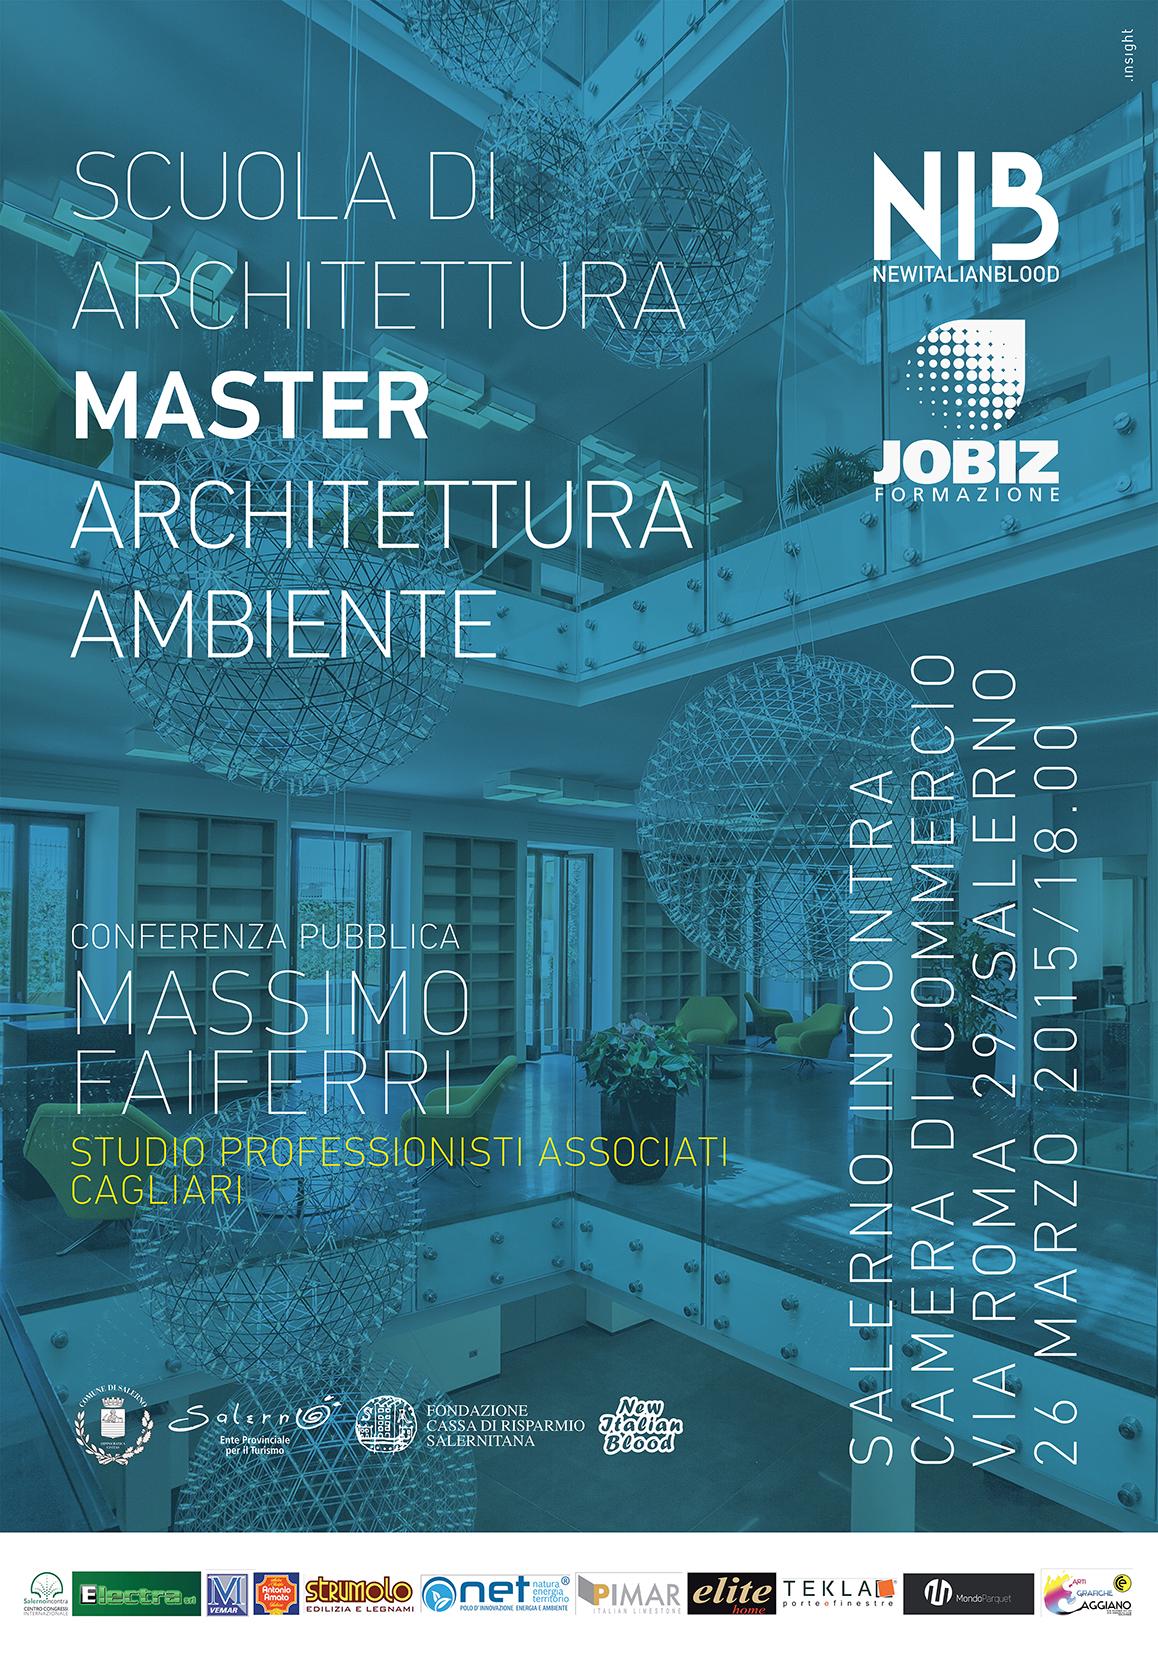 Master architettura e ambiente